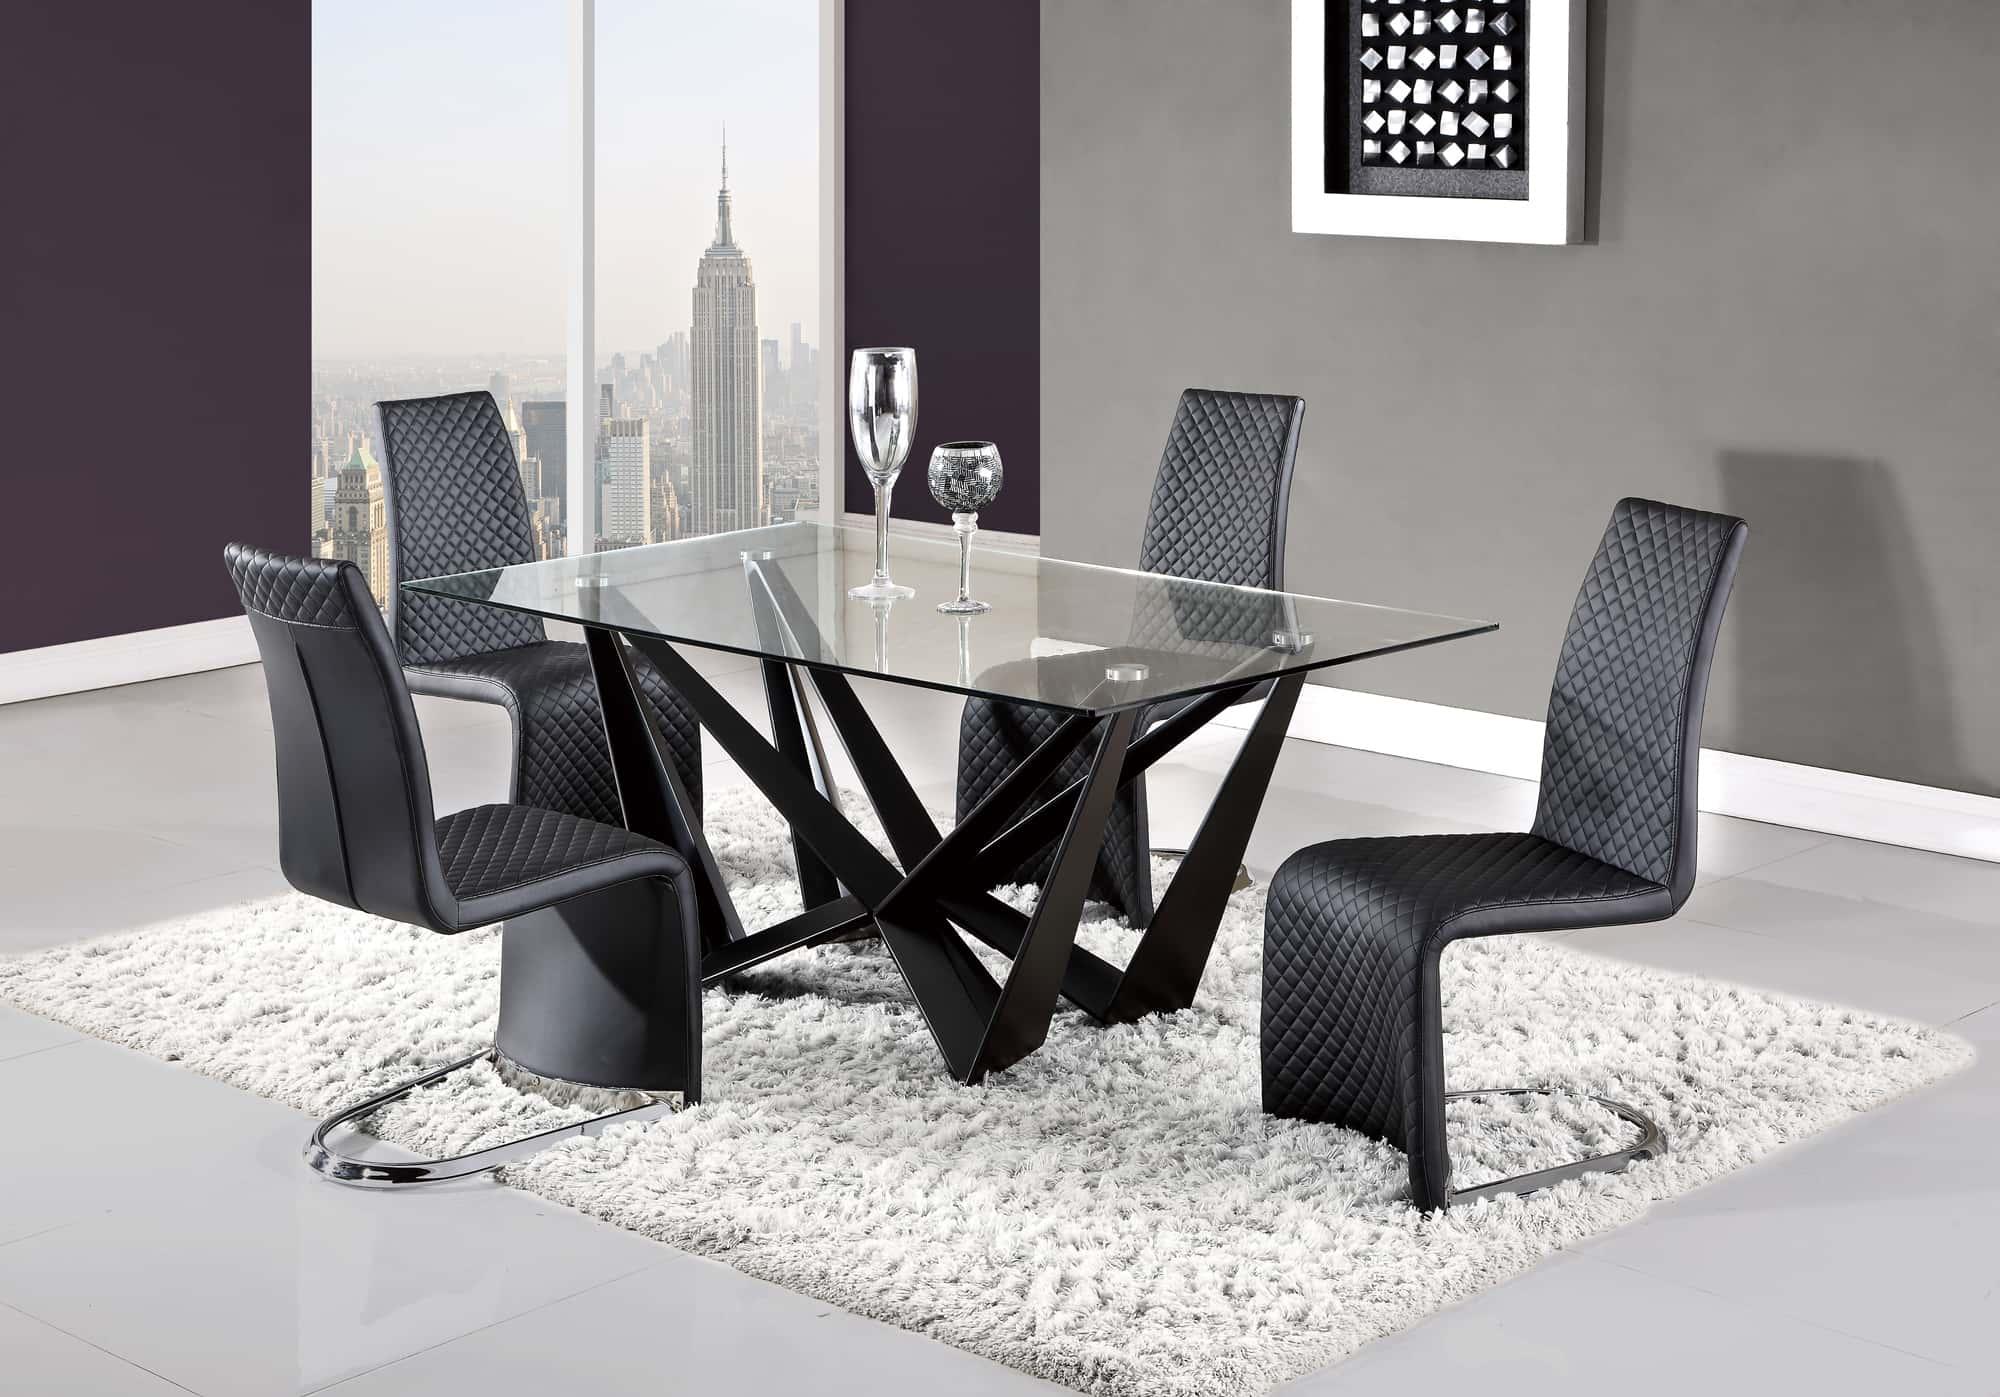 dining table d2003dt bl black by global furniture. Black Bedroom Furniture Sets. Home Design Ideas